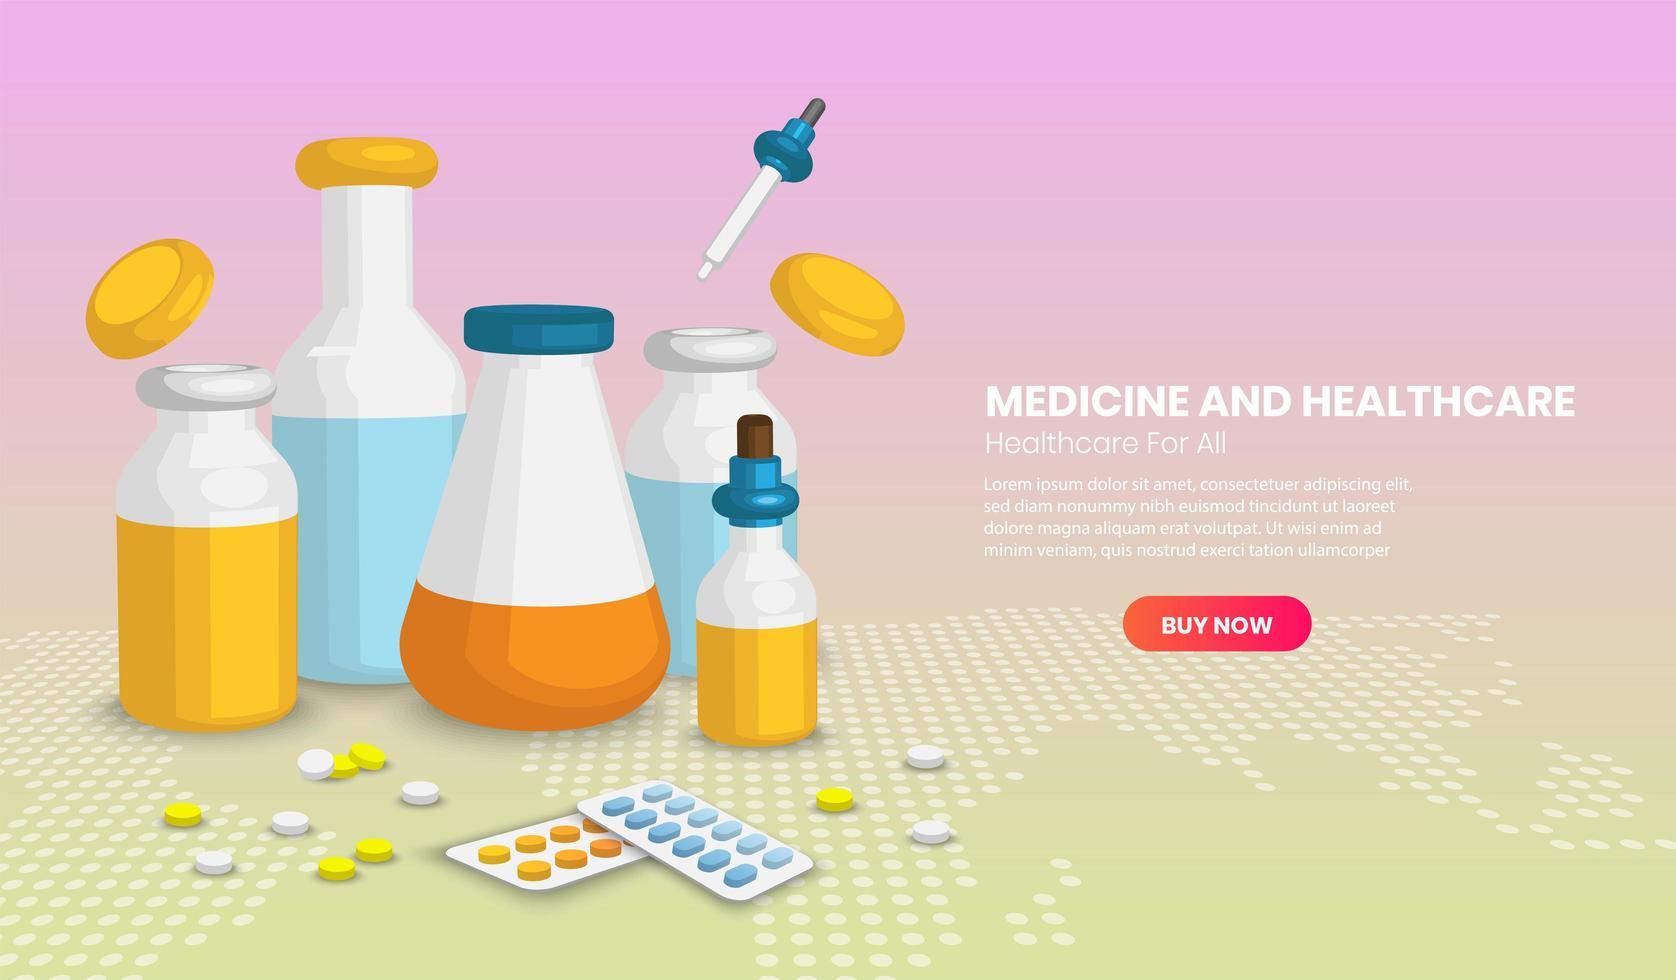 diferentes frascos médicos e pílulas vetor